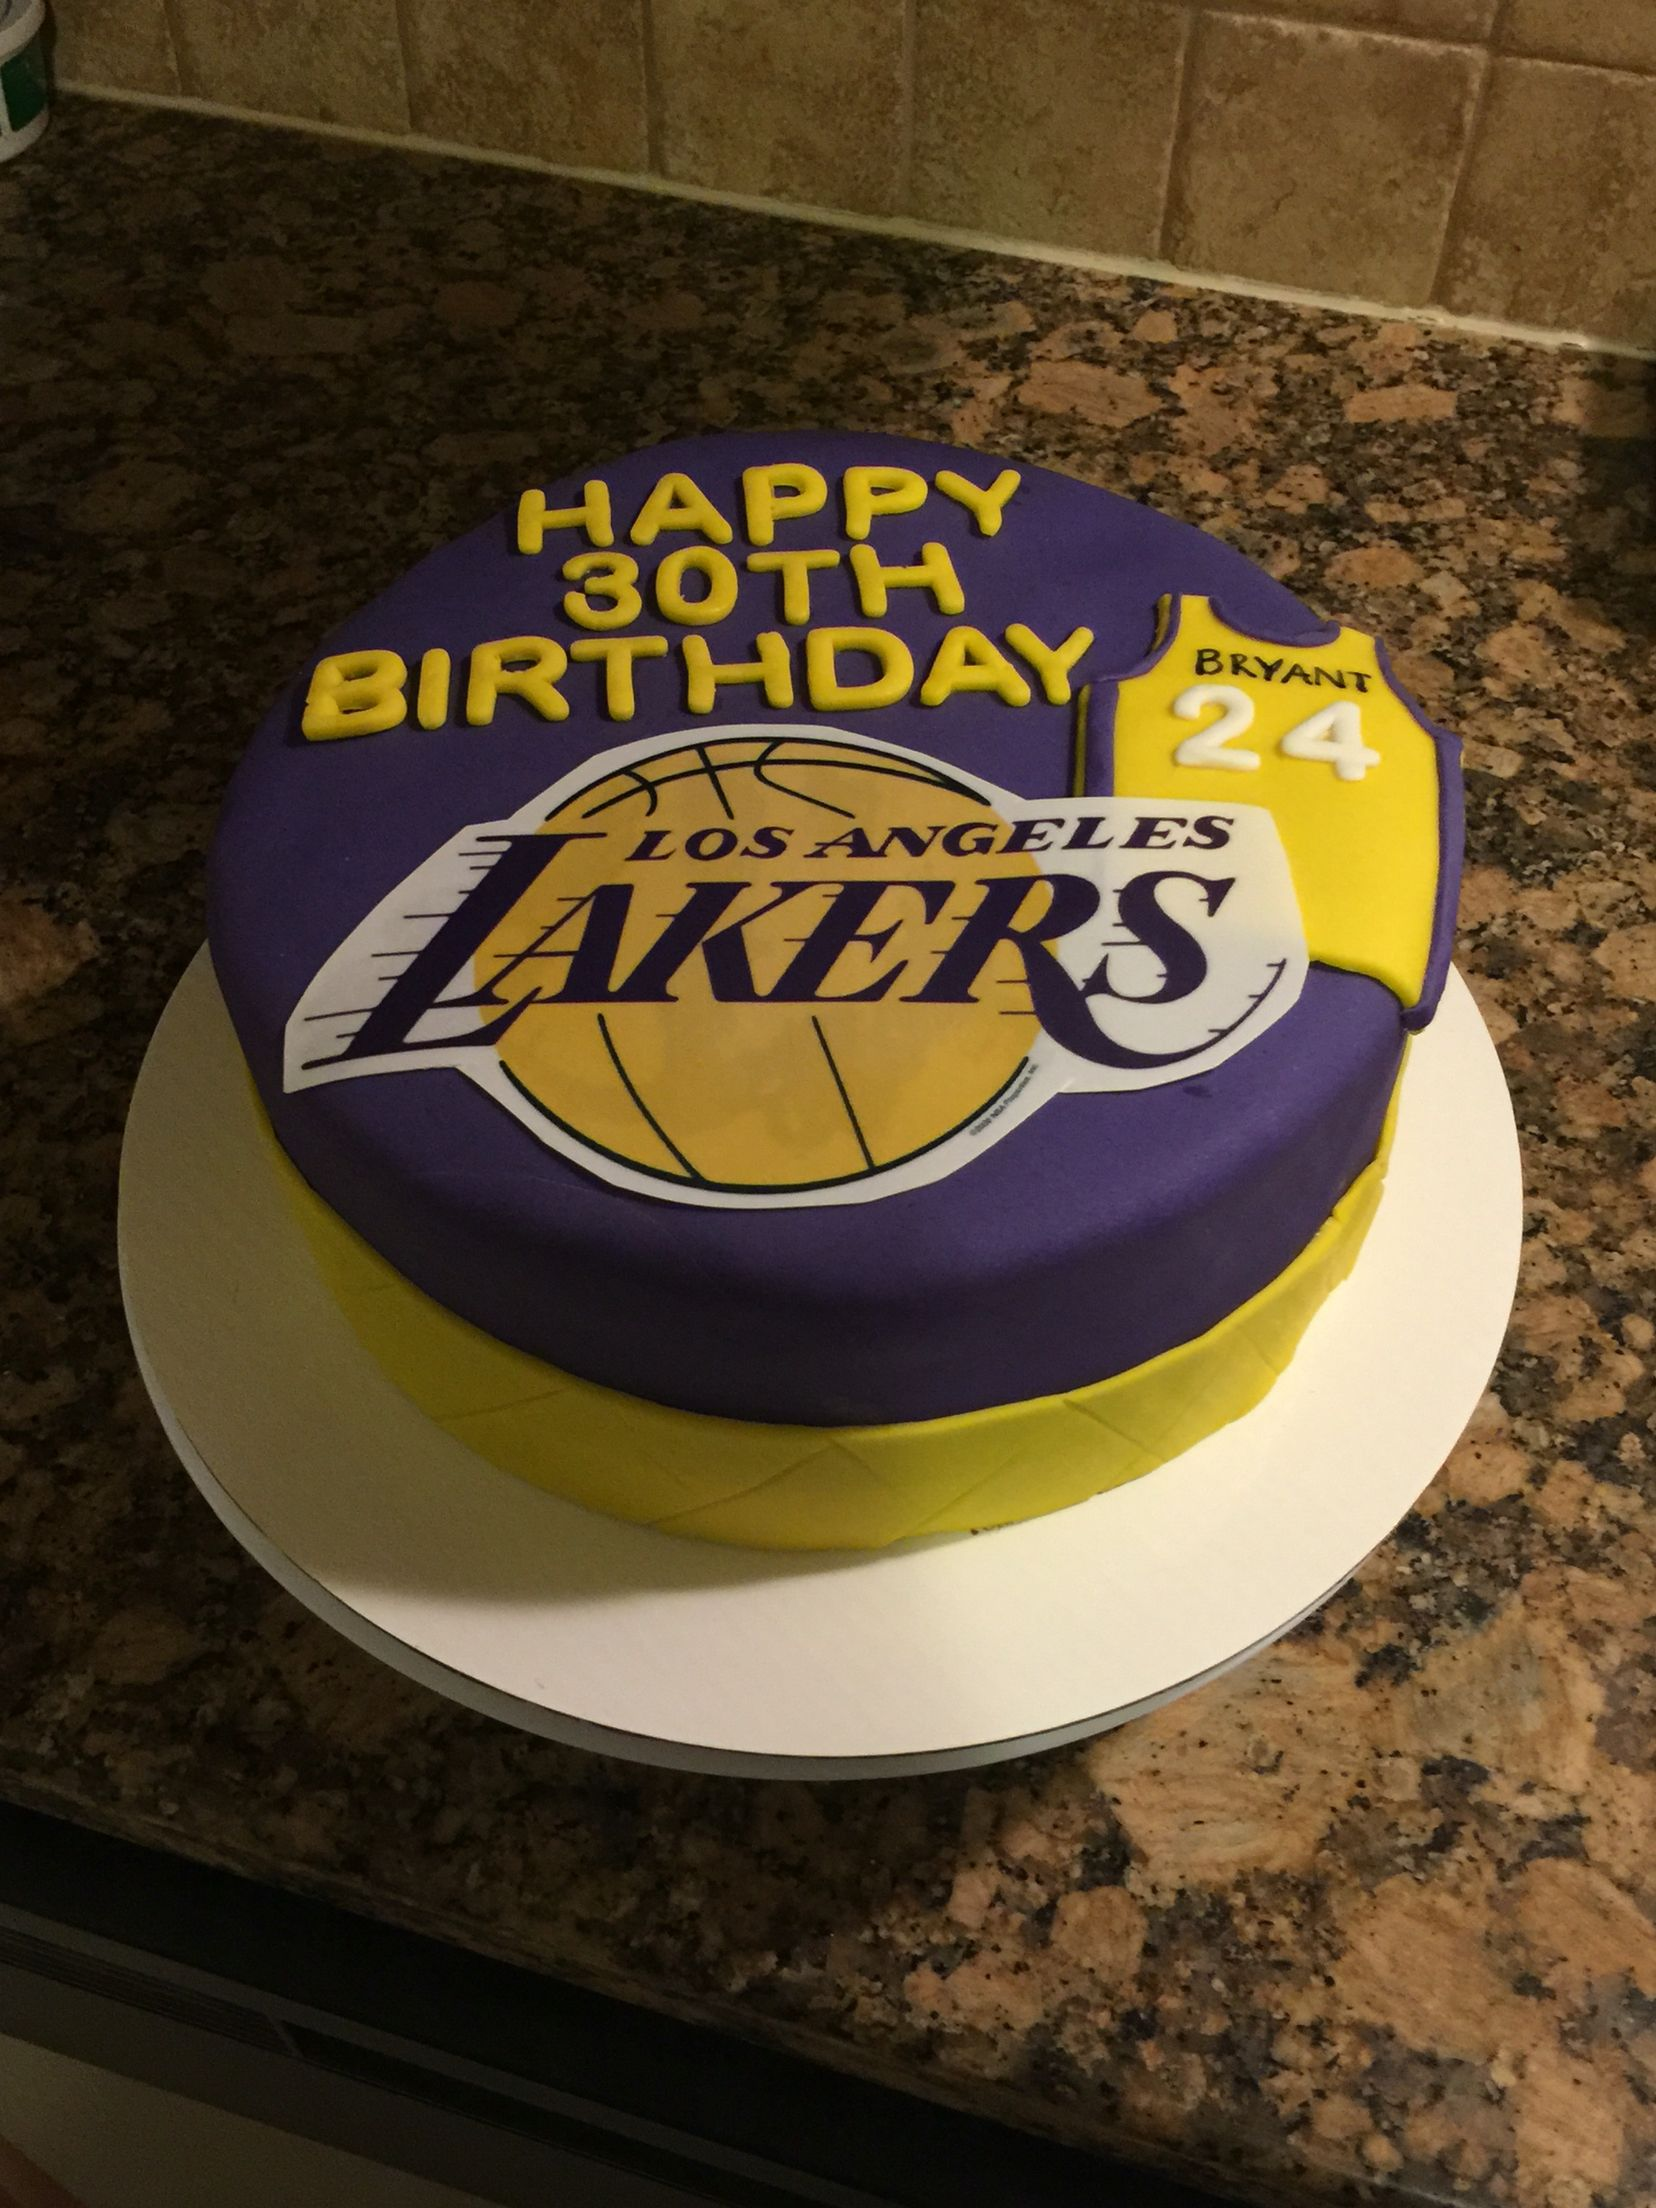 Laker's cake Birthday cakes for men, Cake for husband